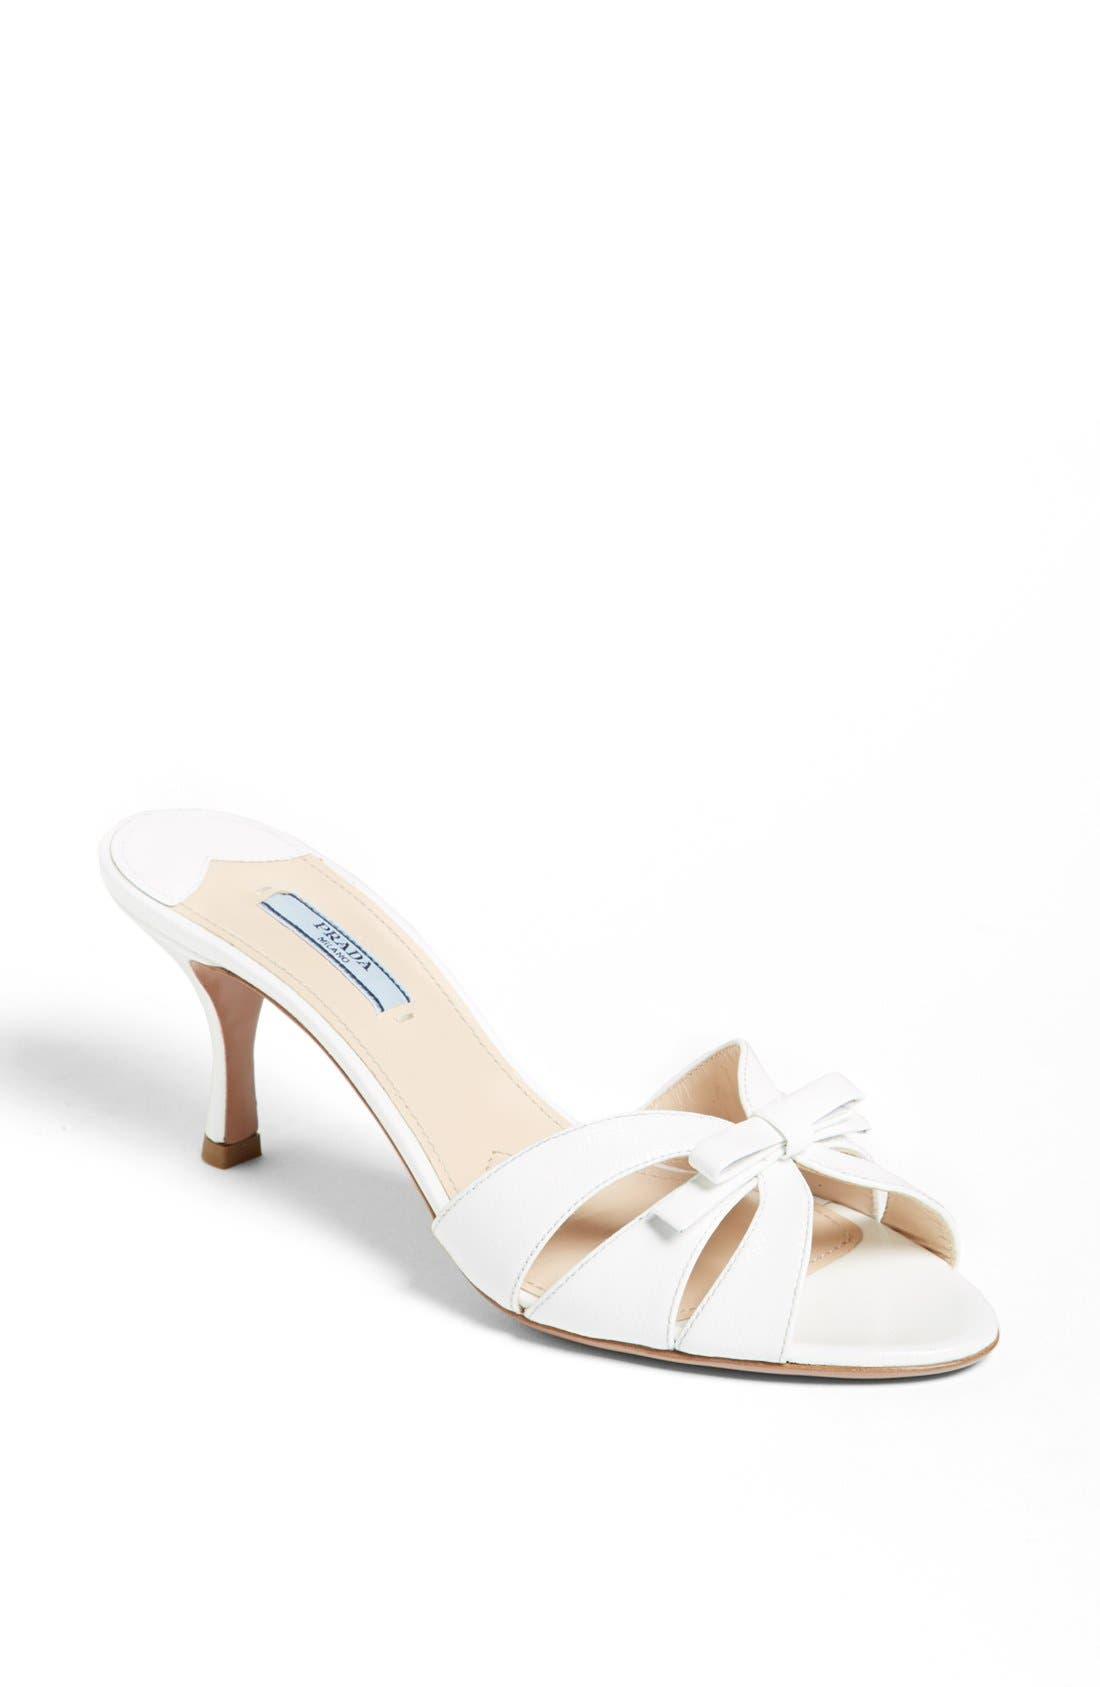 Alternate Image 1 Selected - Prada Bow Slide Sandal